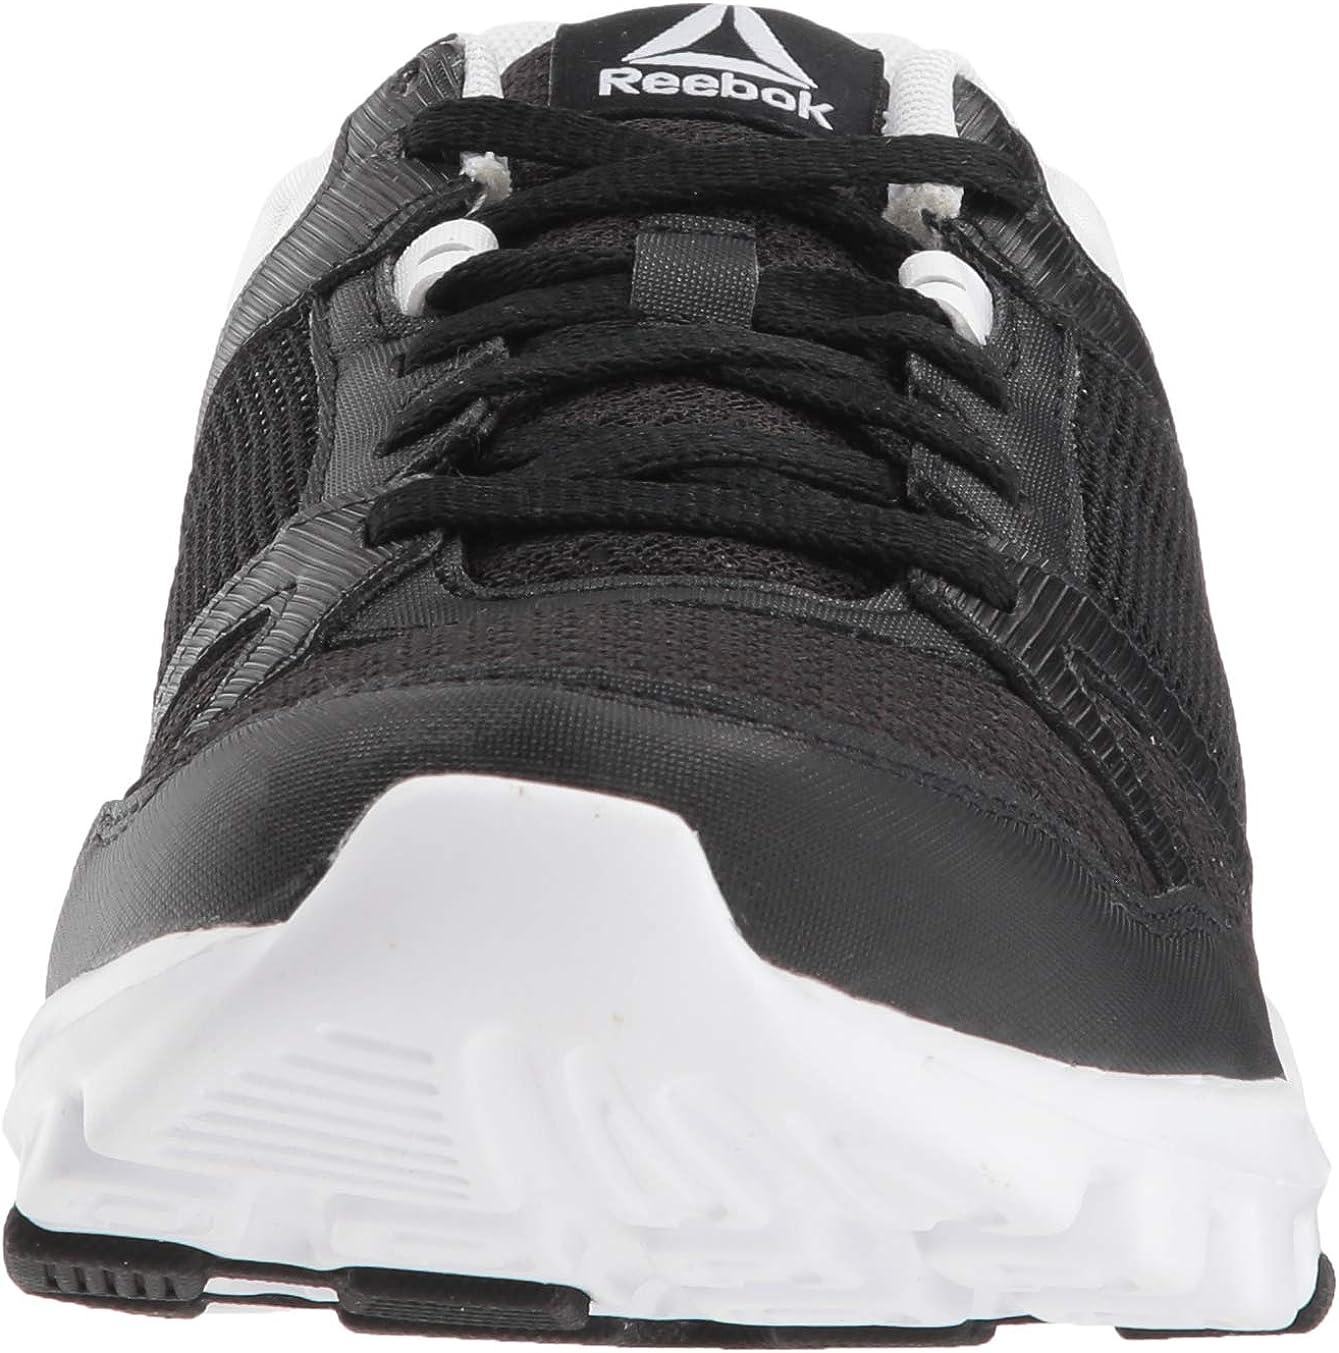 Femmes Chaussures Athlétiques Noir Blanc